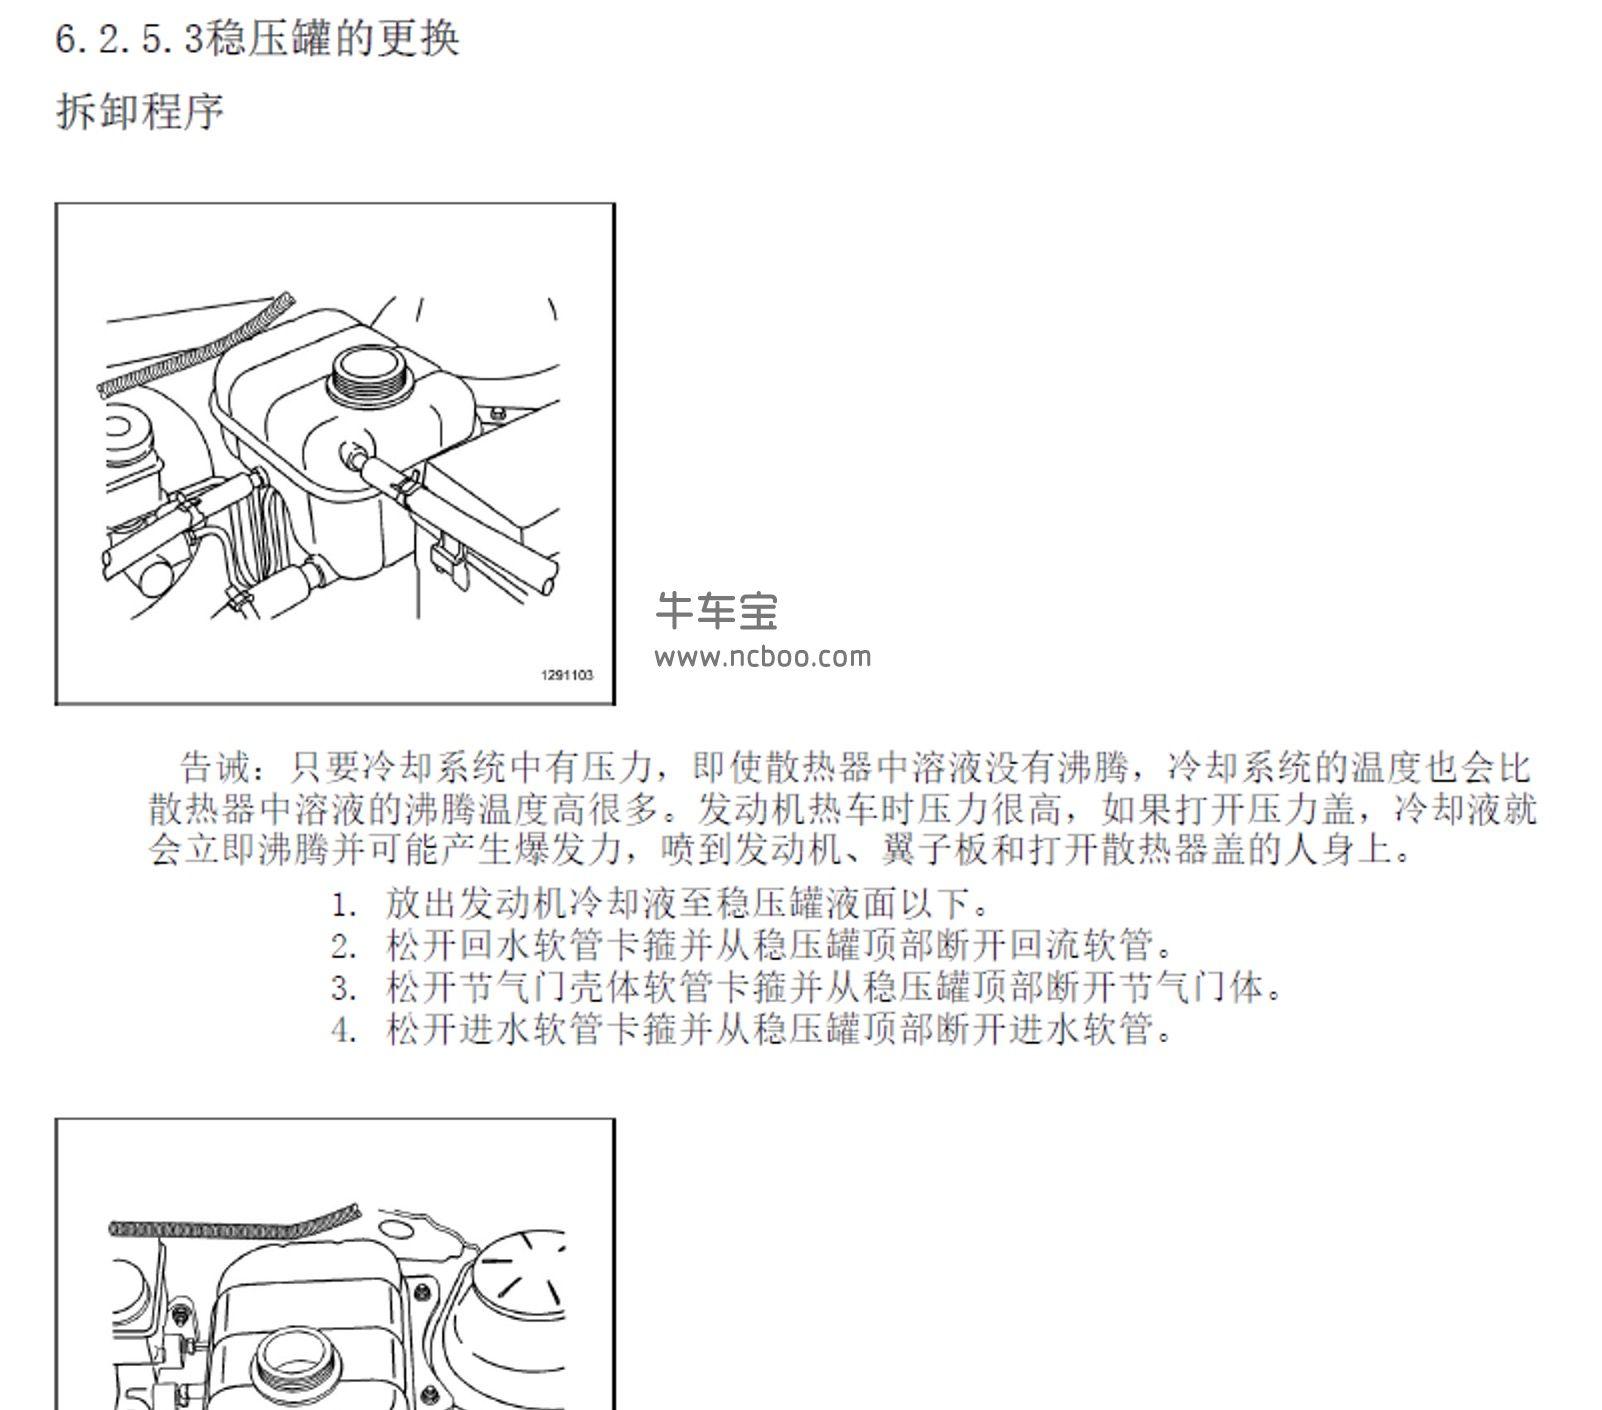 2012款别克凯越原厂维修手册和电路图下载